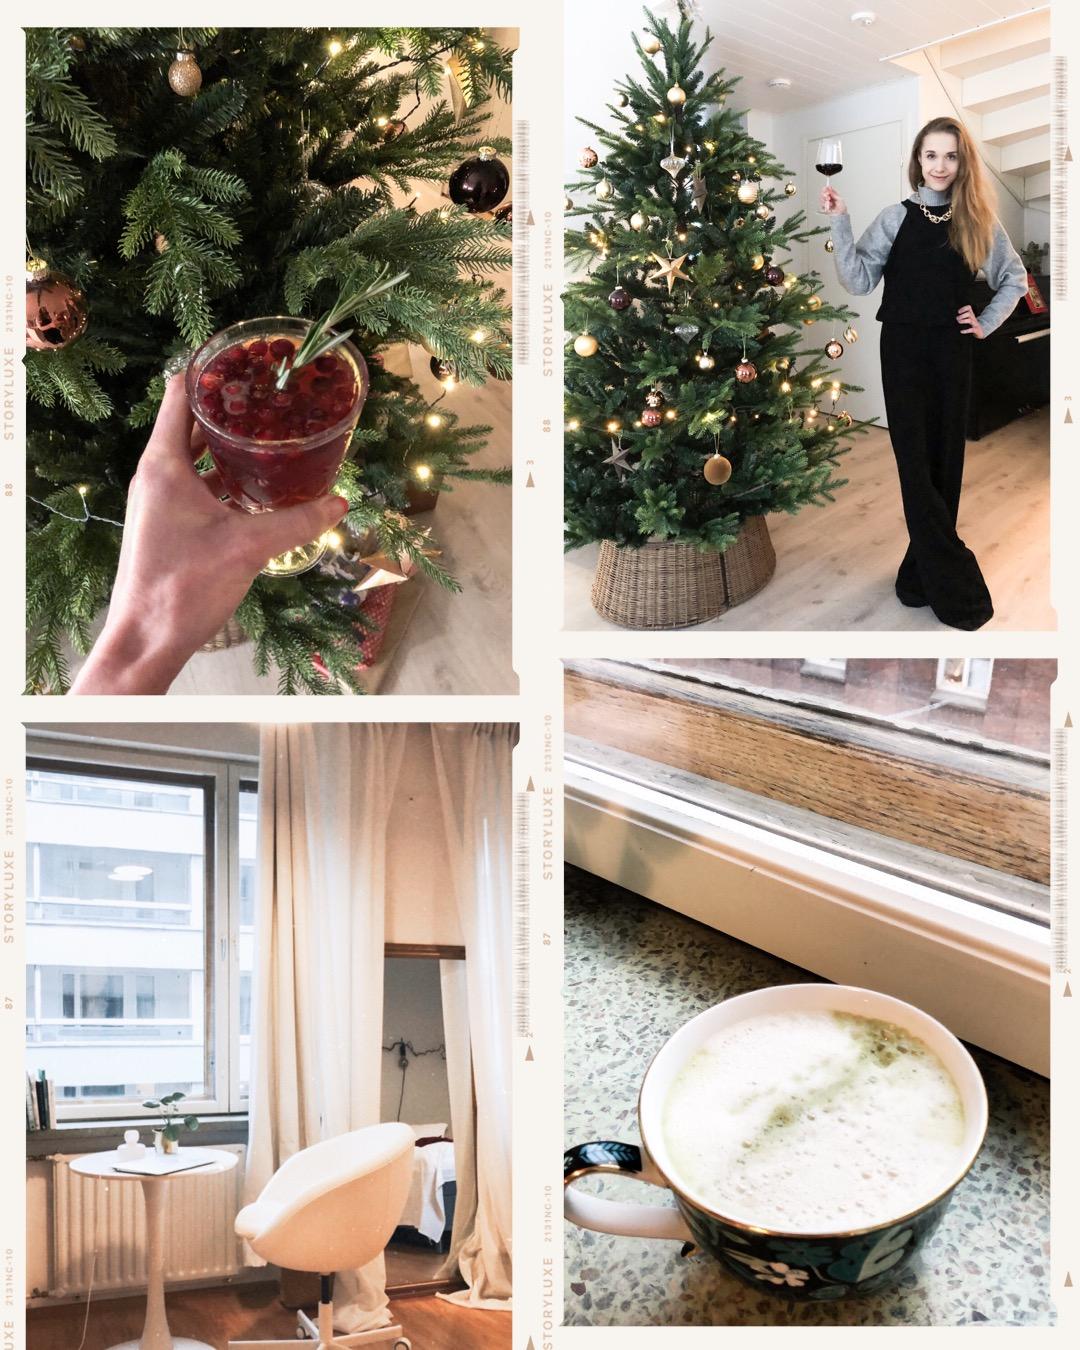 Jouludrinkki, sisustusinspiraatio, koti, matcha latte // Christmas drink, interior inspiration, home, matcha latte